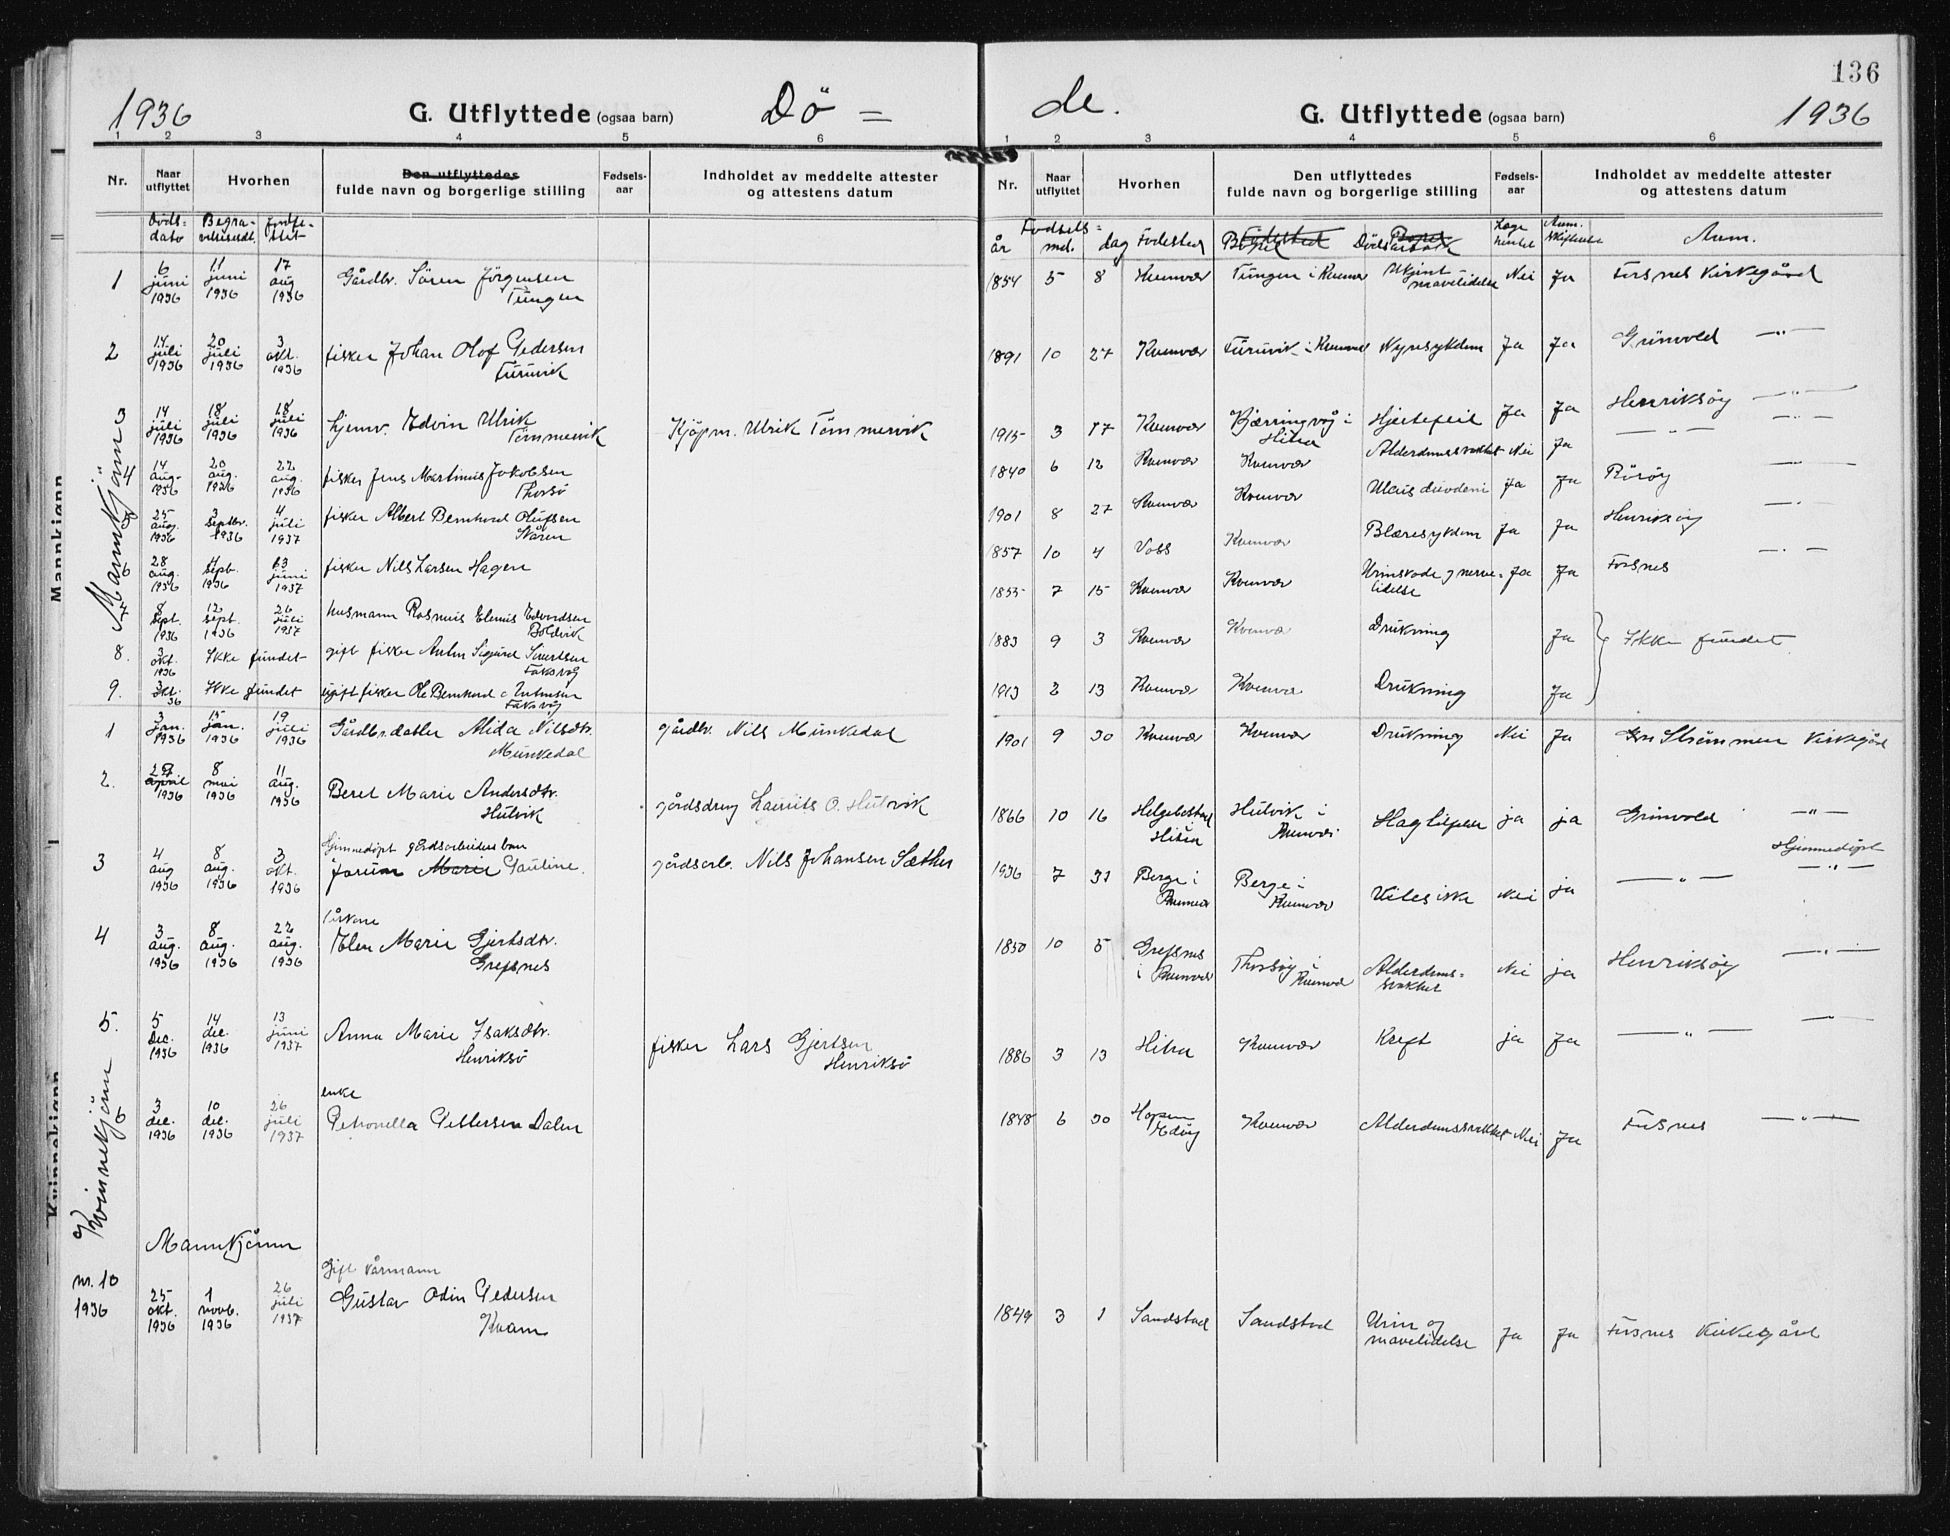 SAT, Ministerialprotokoller, klokkerbøker og fødselsregistre - Sør-Trøndelag, 635/L0554: Klokkerbok nr. 635C02, 1919-1942, s. 136